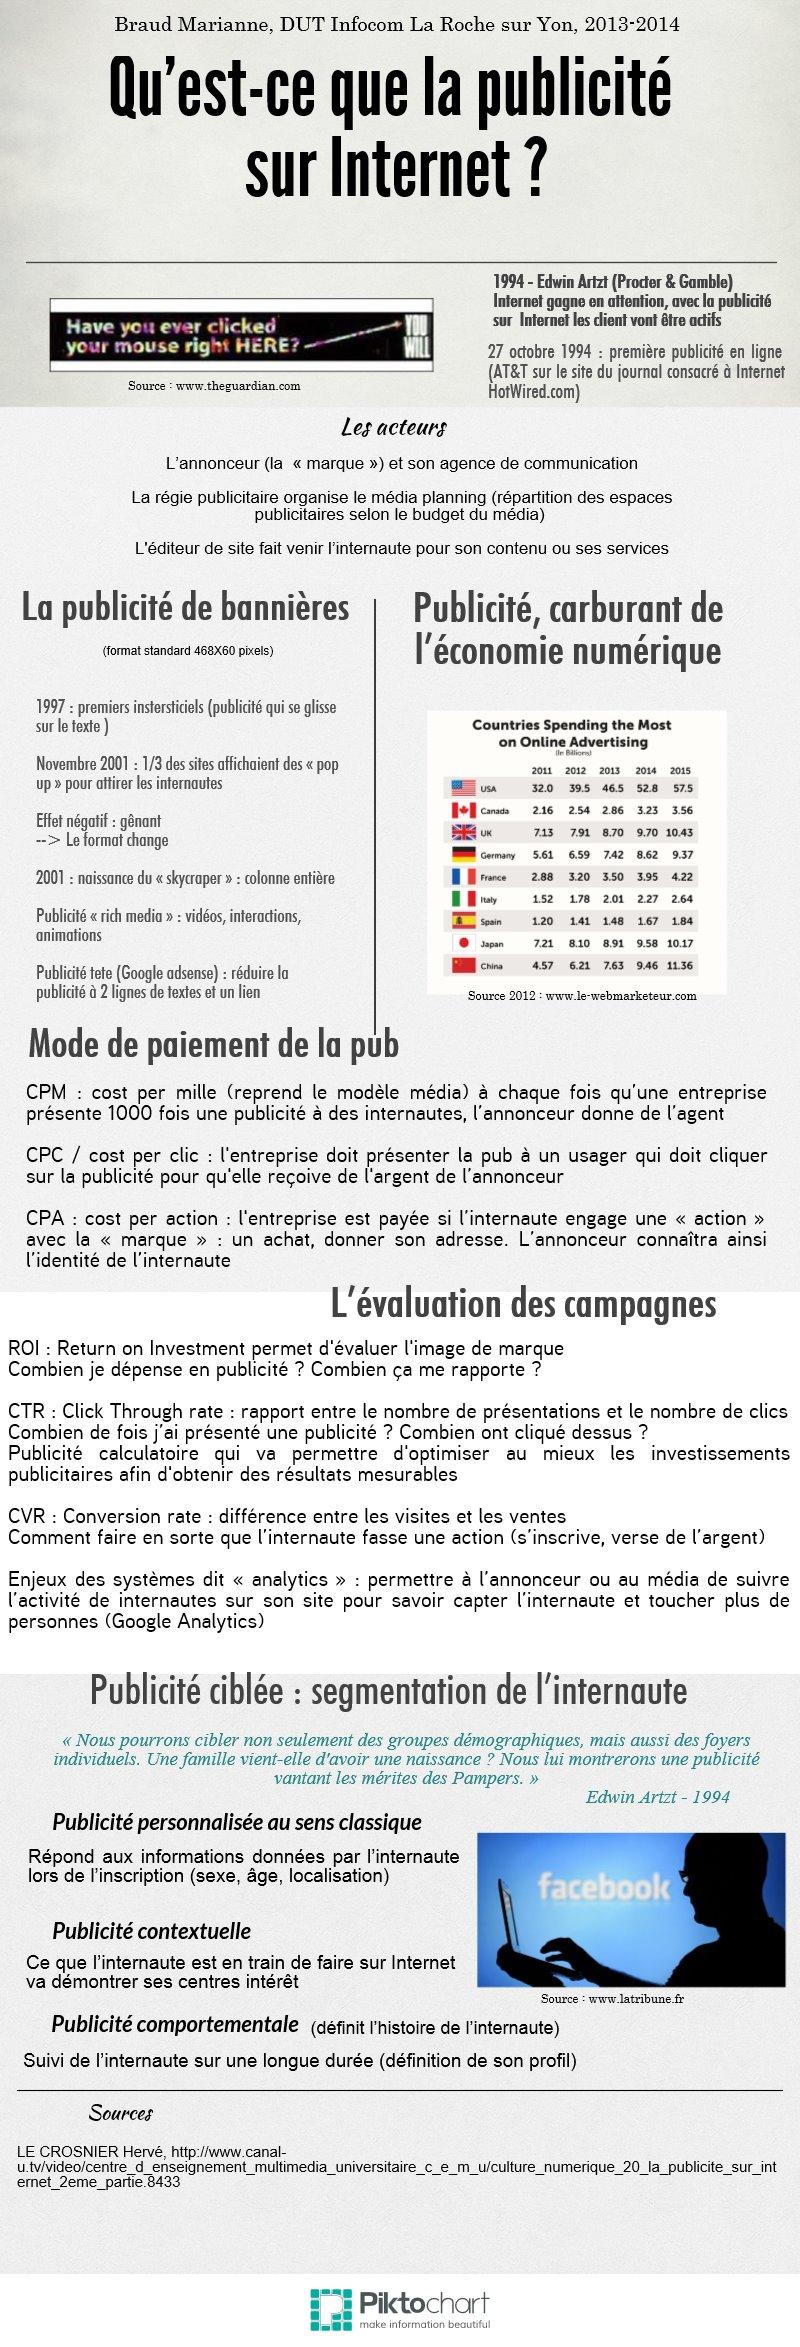 BraudMarianne - CO - Infographie - La publicité sur Internet